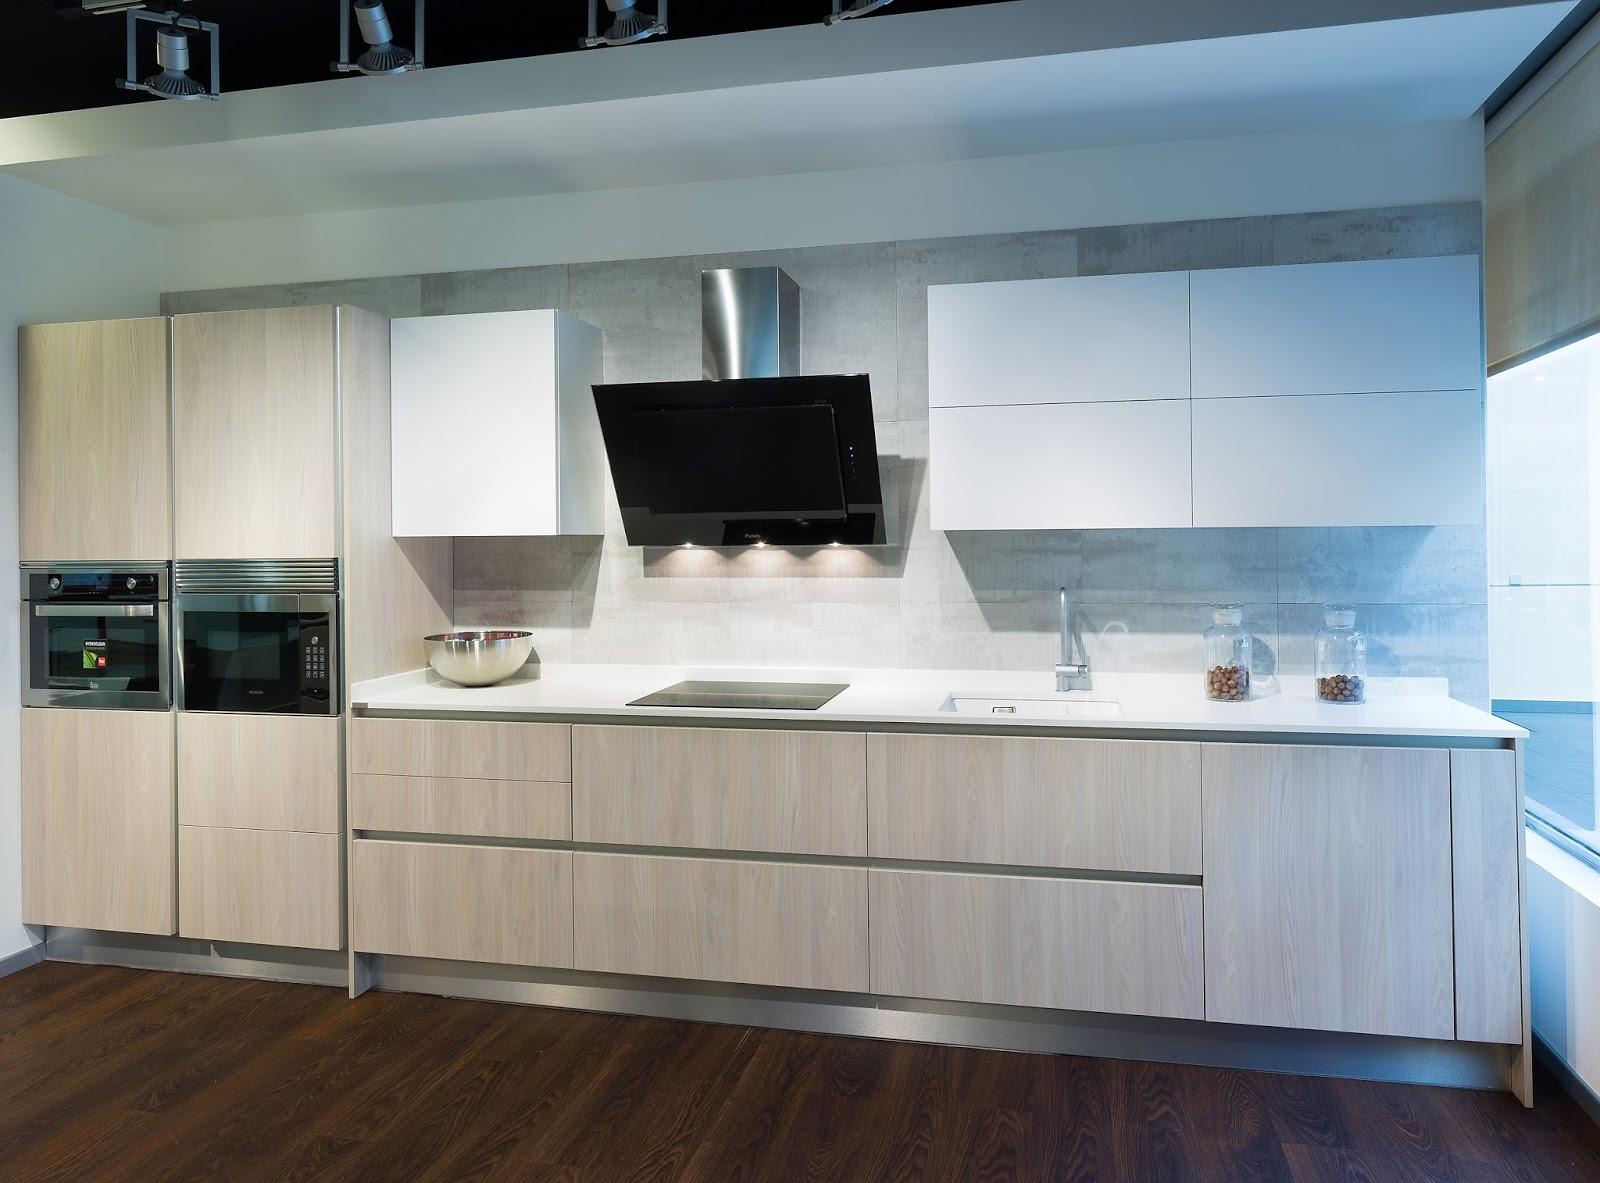 Decotips] Distribuir la cocina según su geometría – Virlova Style